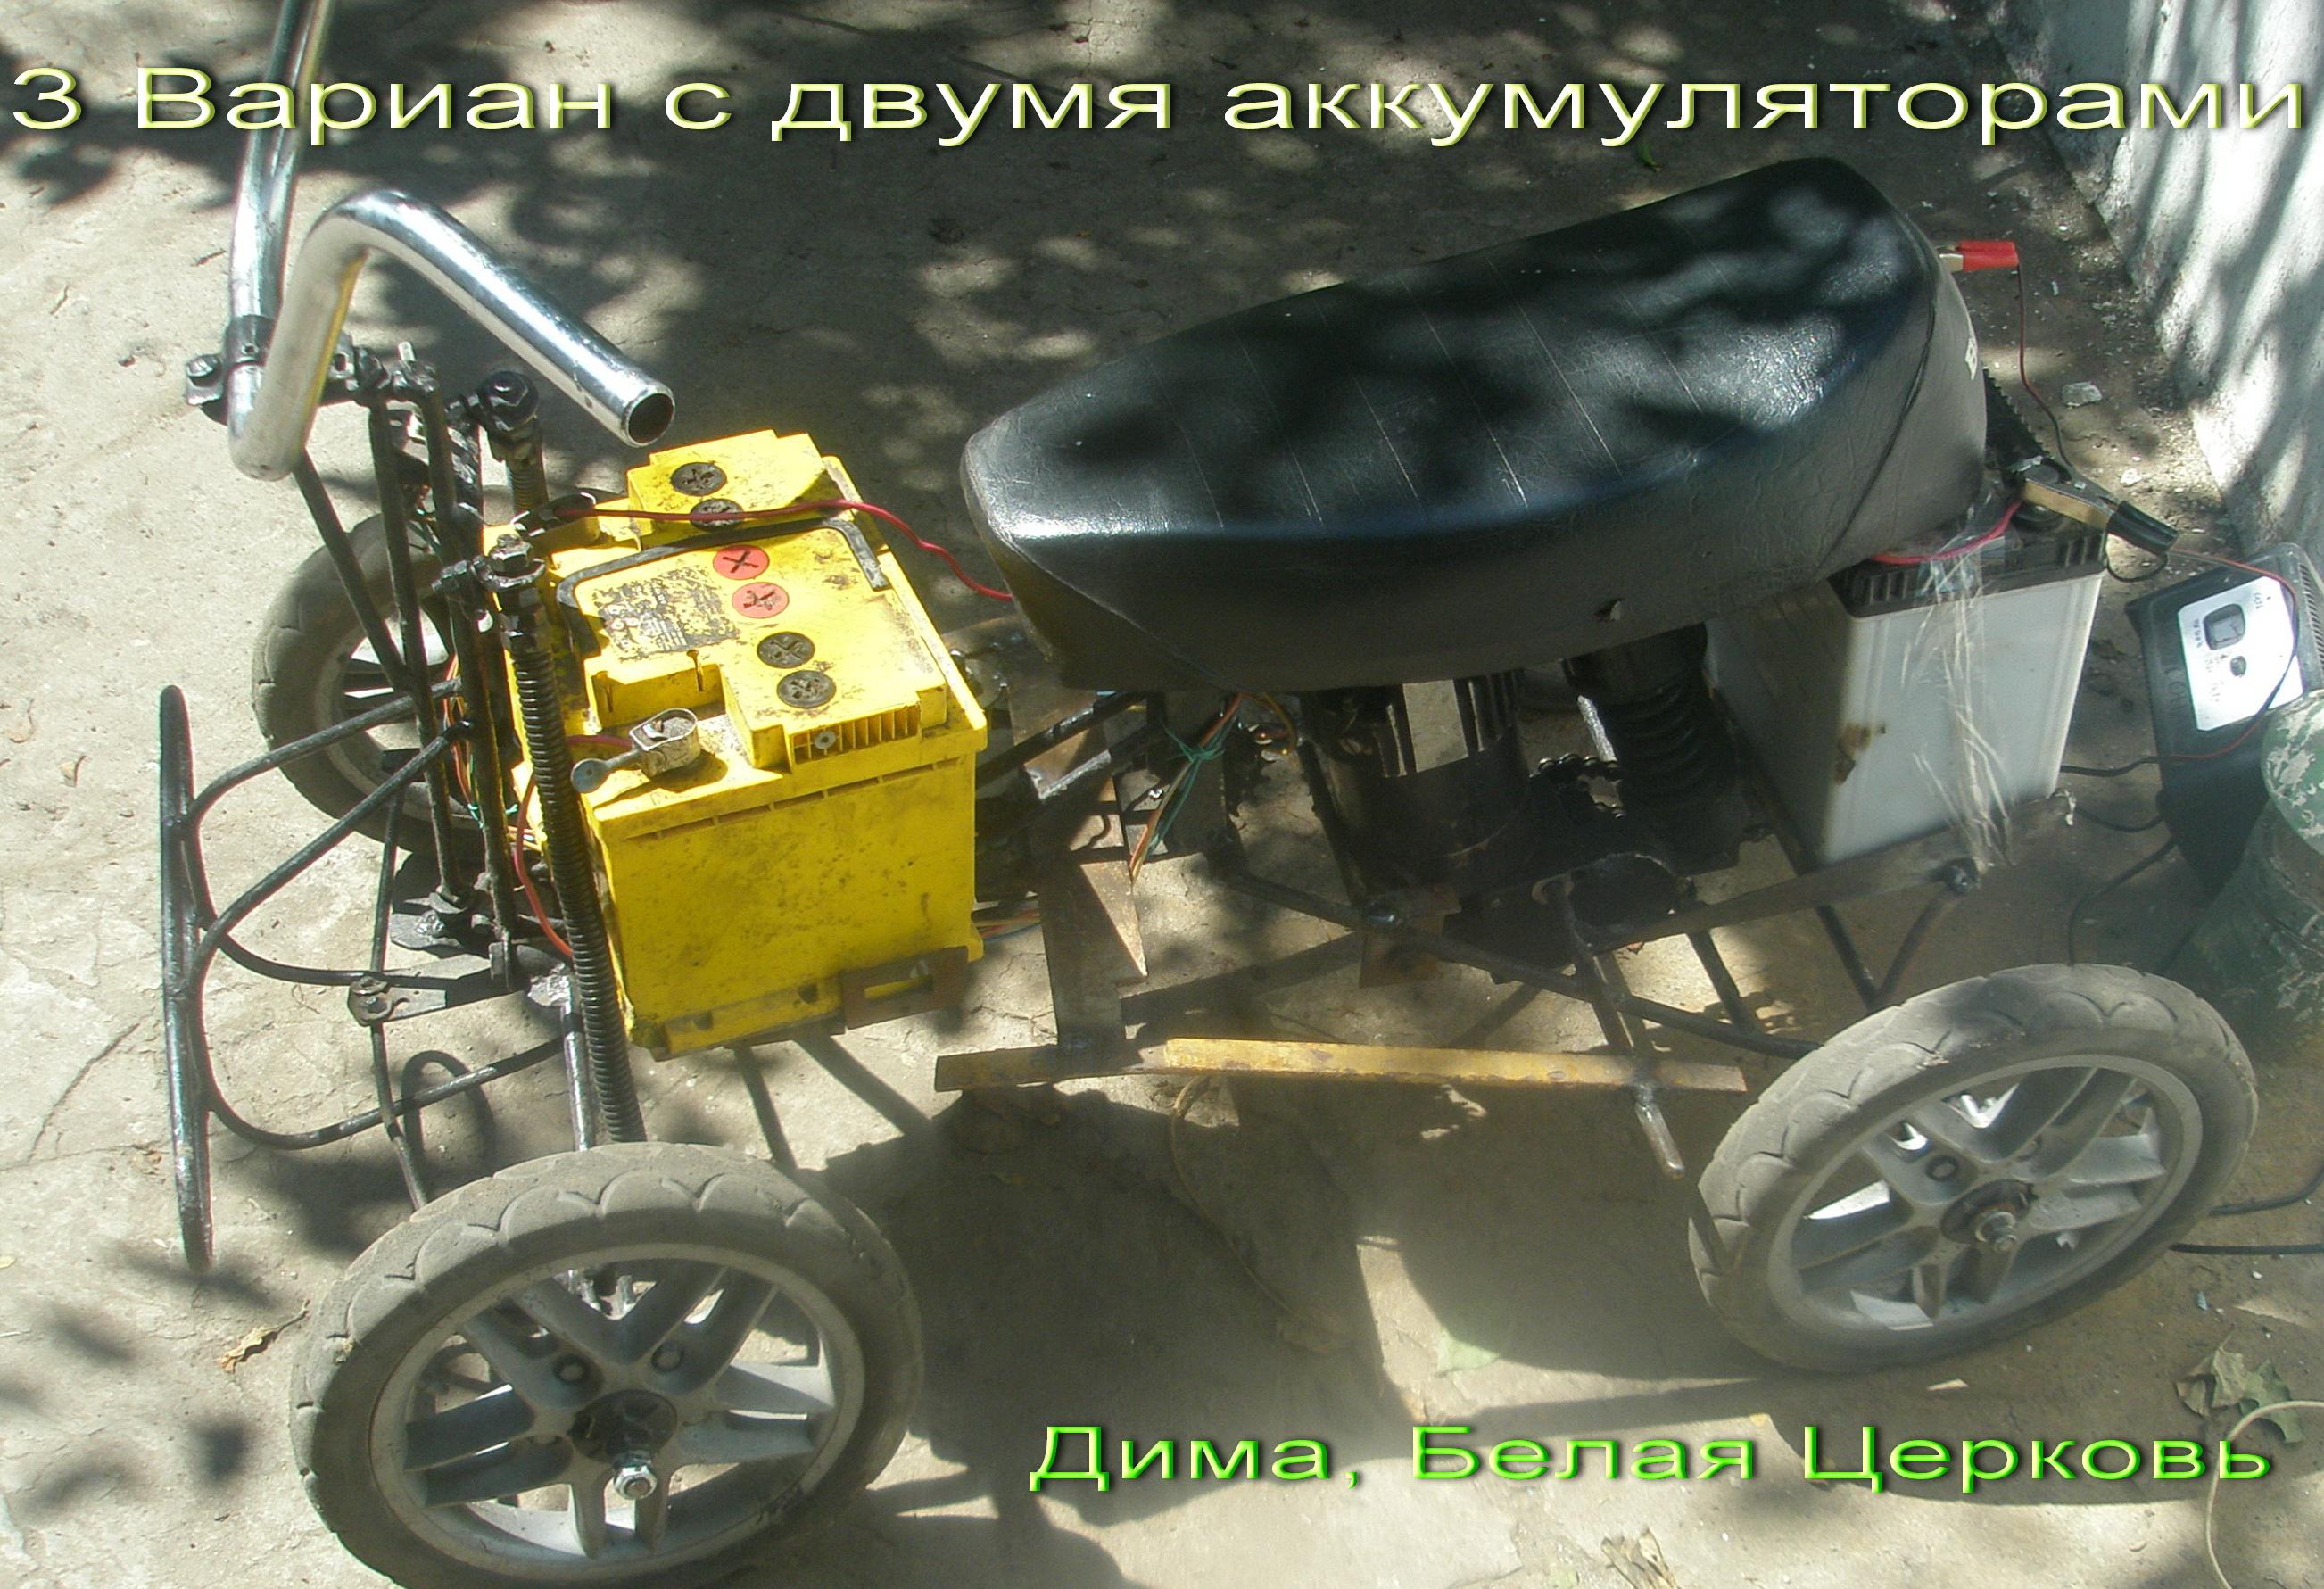 Сделать квадроцикл своими руками для ребенка